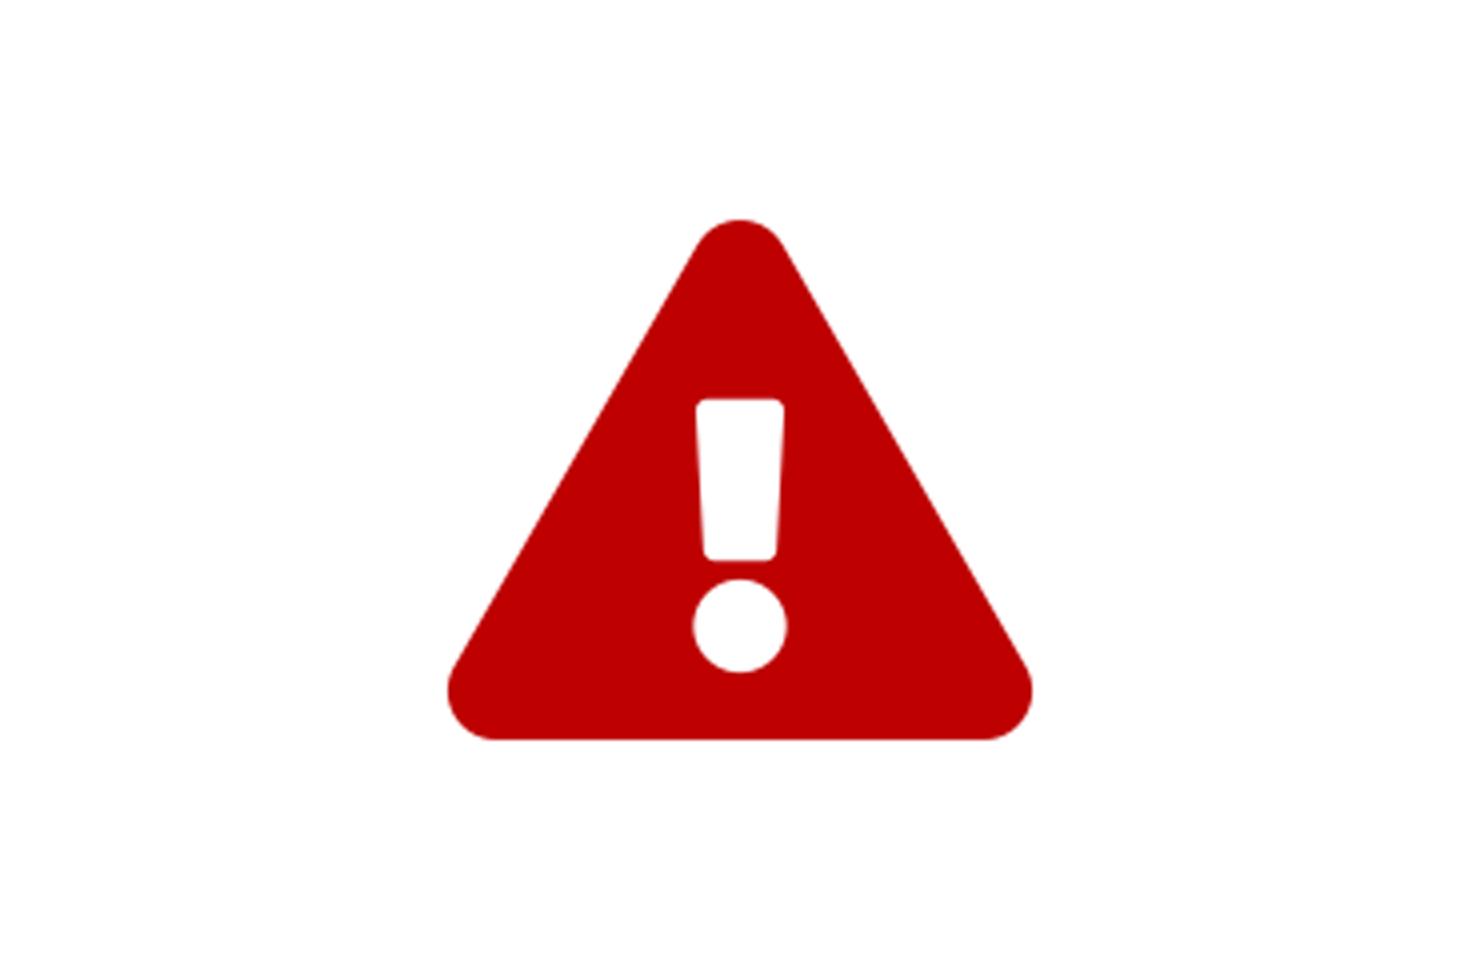 ein Ausrufezeichen auf einem roten Dreieck